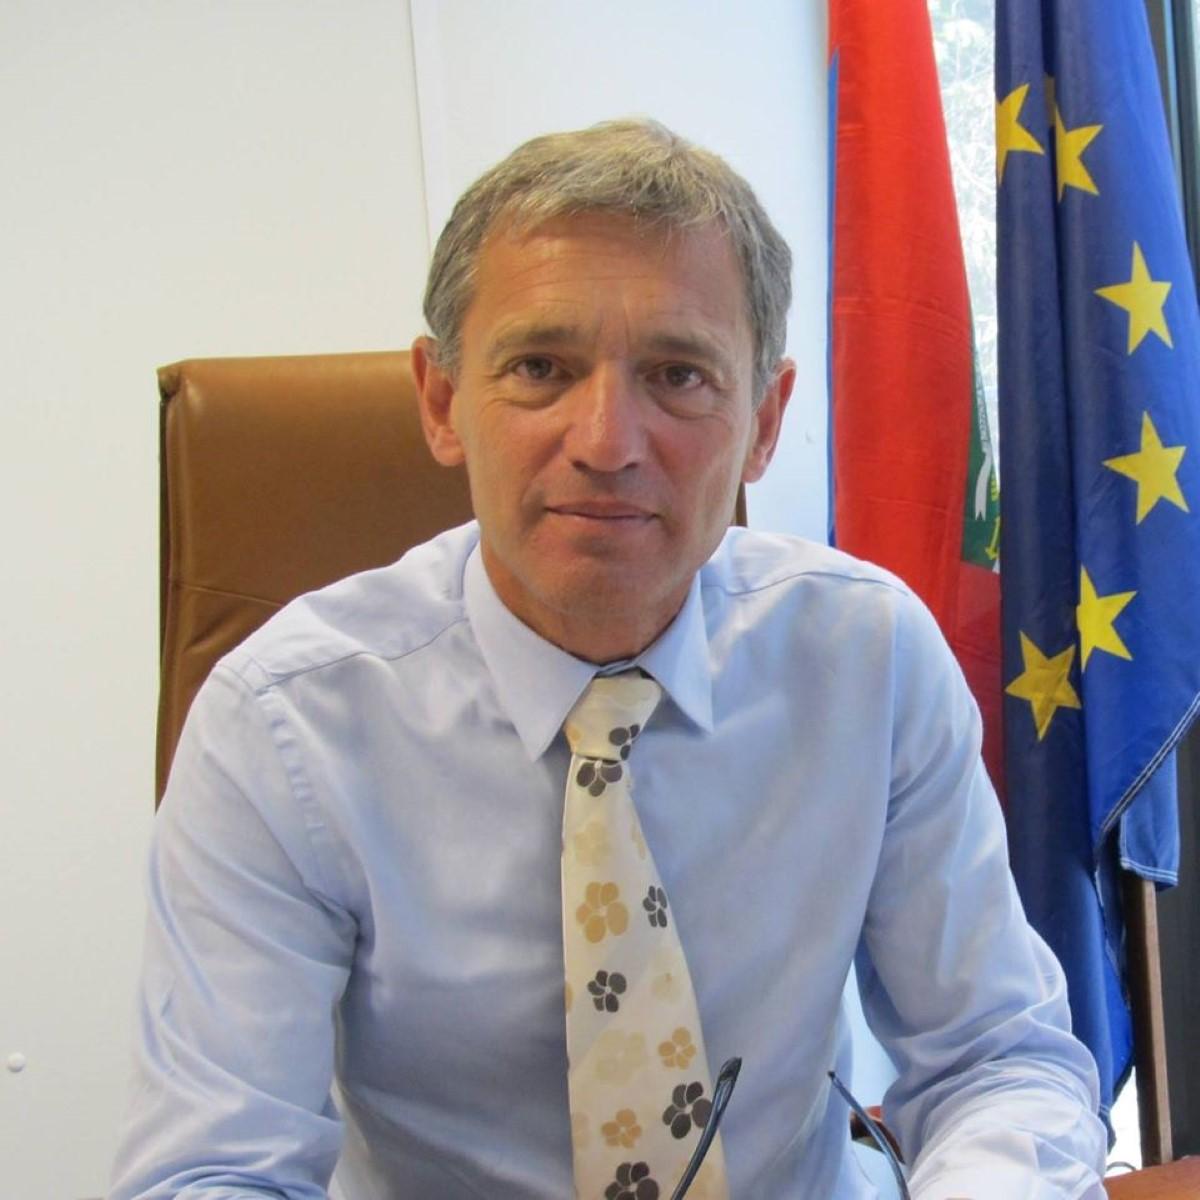 Droits de l'enfant : Vincent Degert, le nouveau chef de la délégation de l'UE à Maurice, offre Rs 8 millions